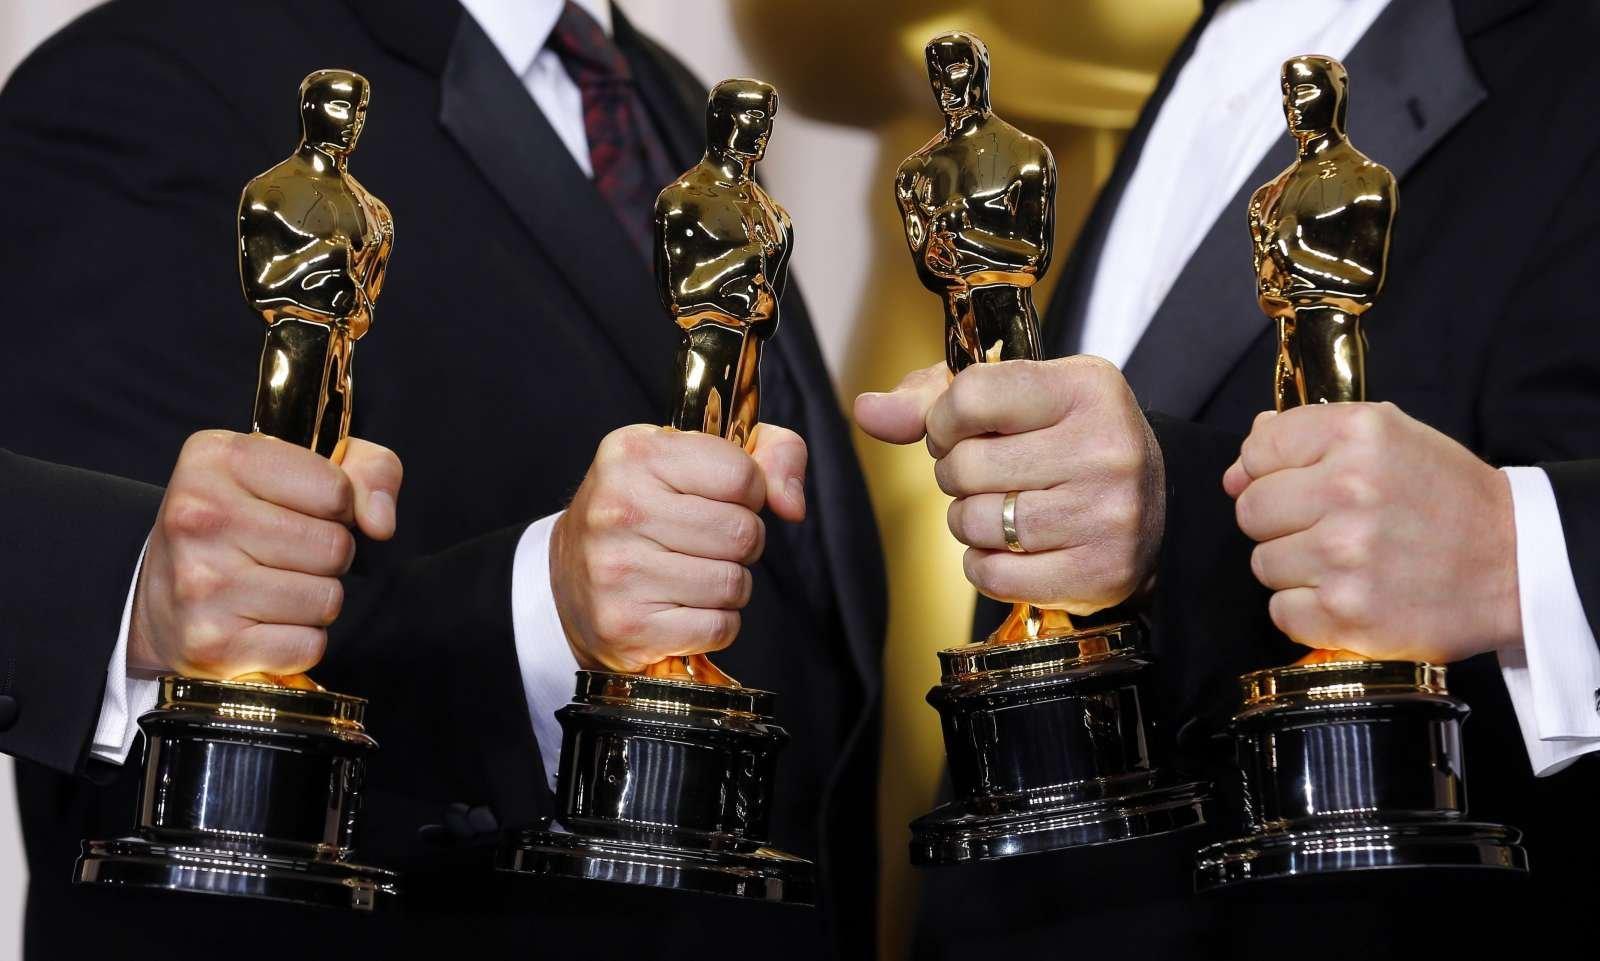 1-ый канал покажет телеверсию церемонии «Оскар» 2018 взаписи 5марта